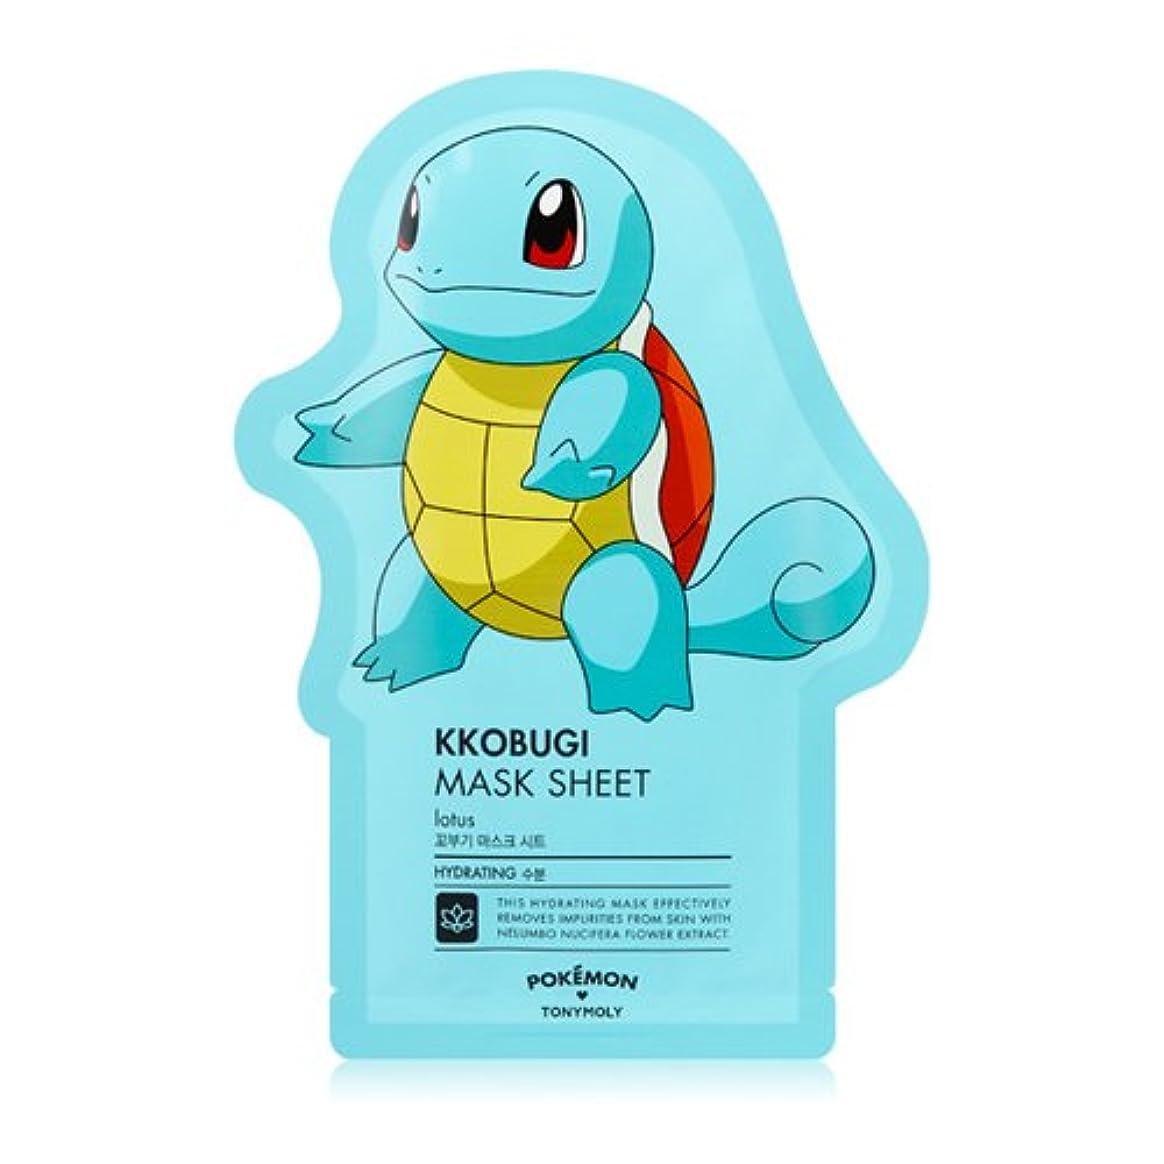 略すクスコゲートウェイTONYMOLY x Pokemon Squirtle/Kkobugi Mask Sheet (並行輸入品)